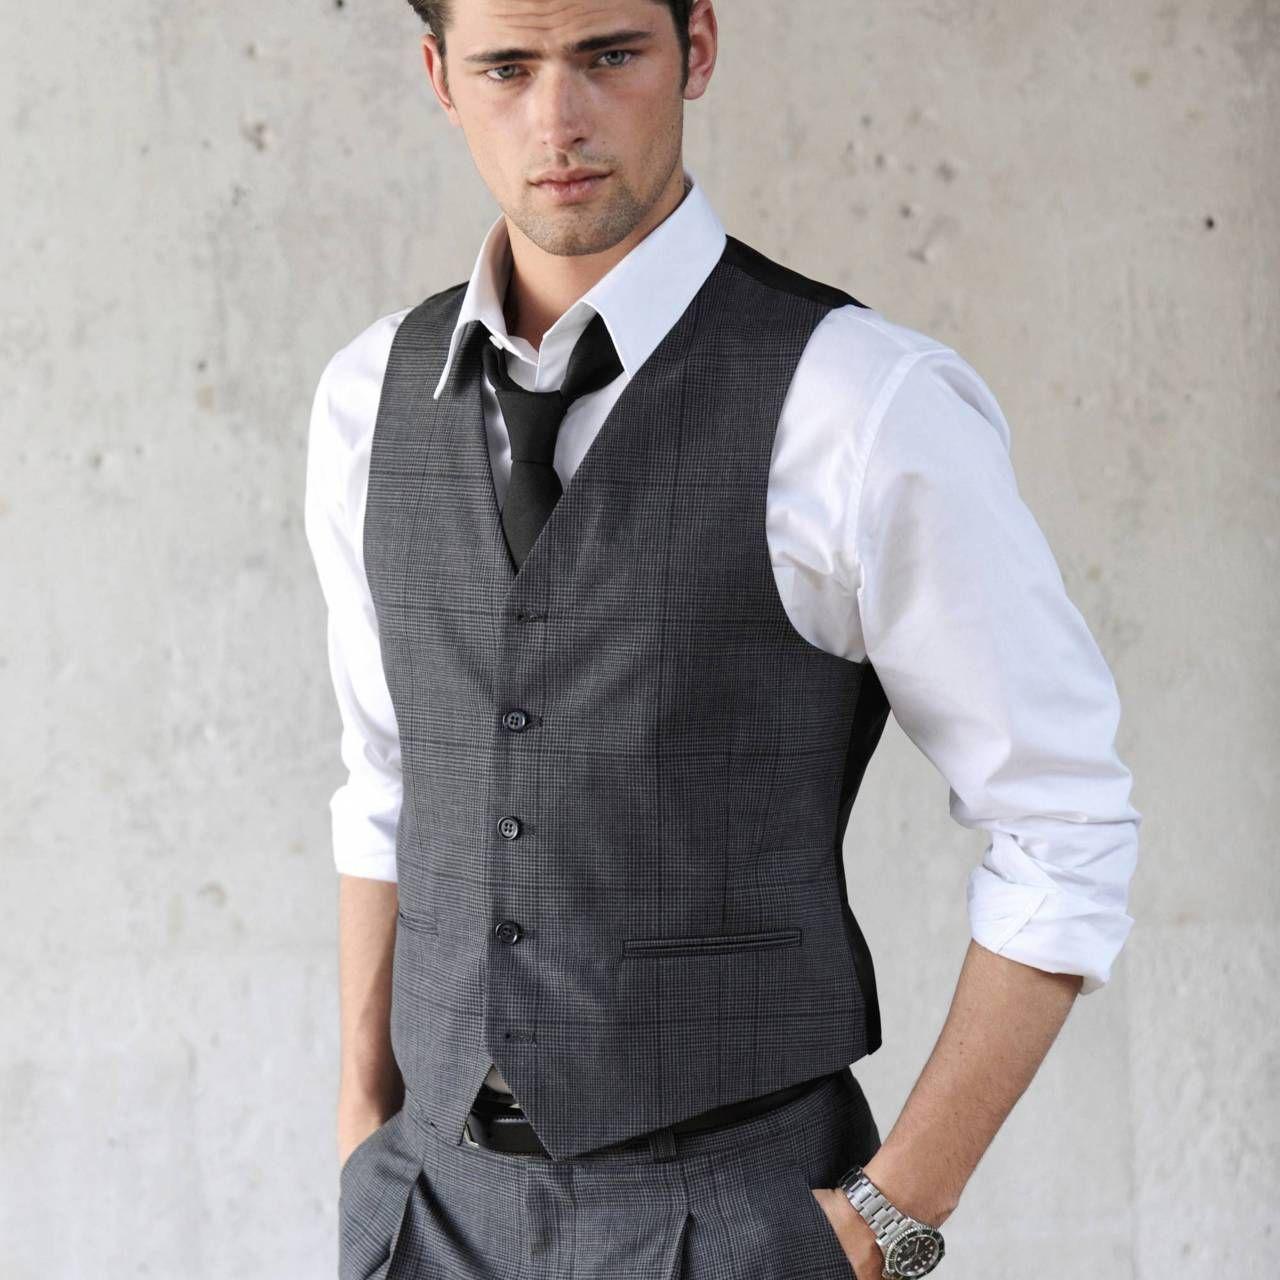 Men's Fashion: Charcoal Waistcoat / Vest, White Shirt ...